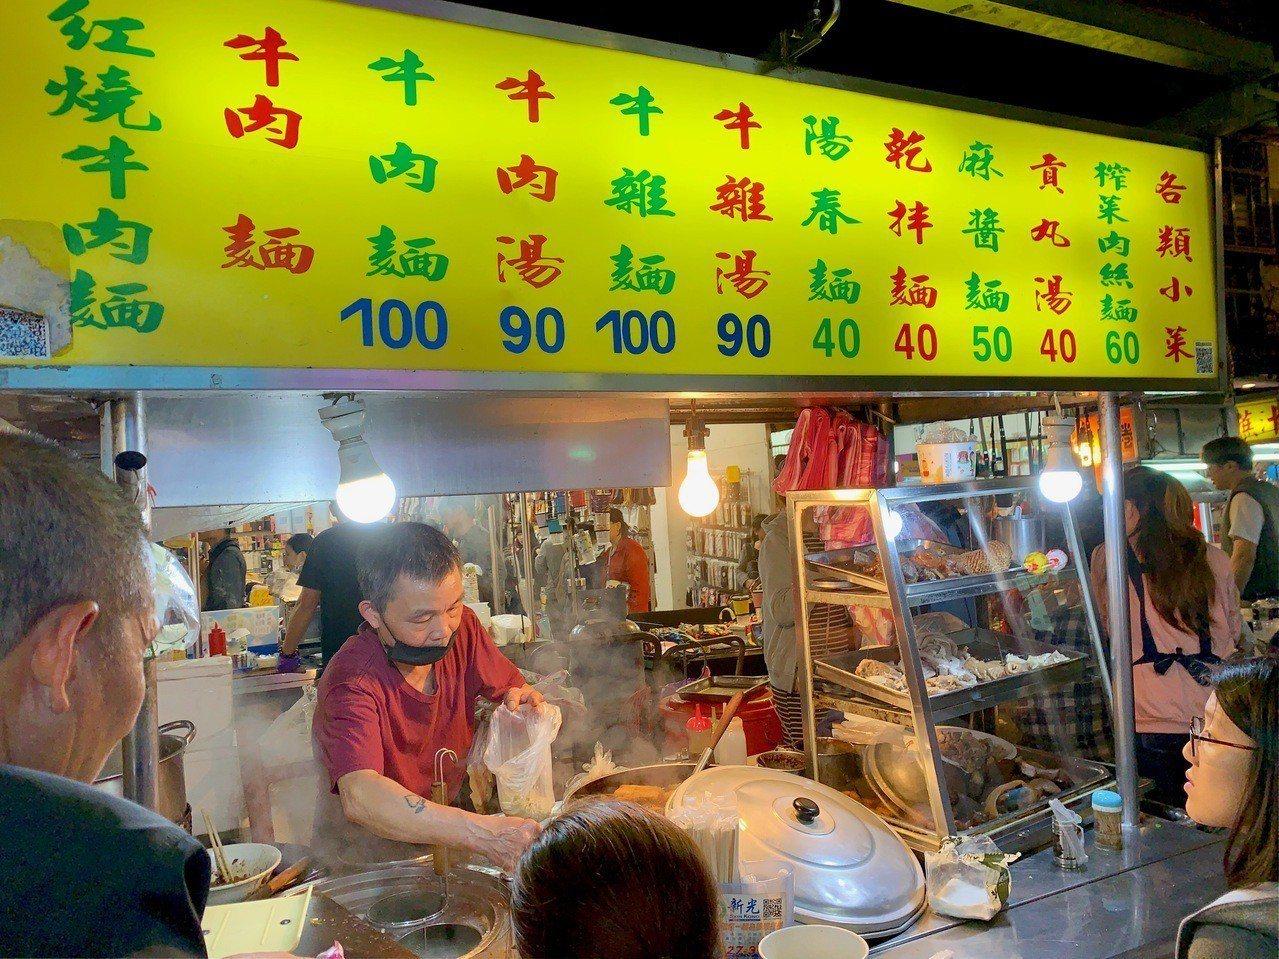 除牛肉之外也有其他口味可選。記者張芳瑜/攝影